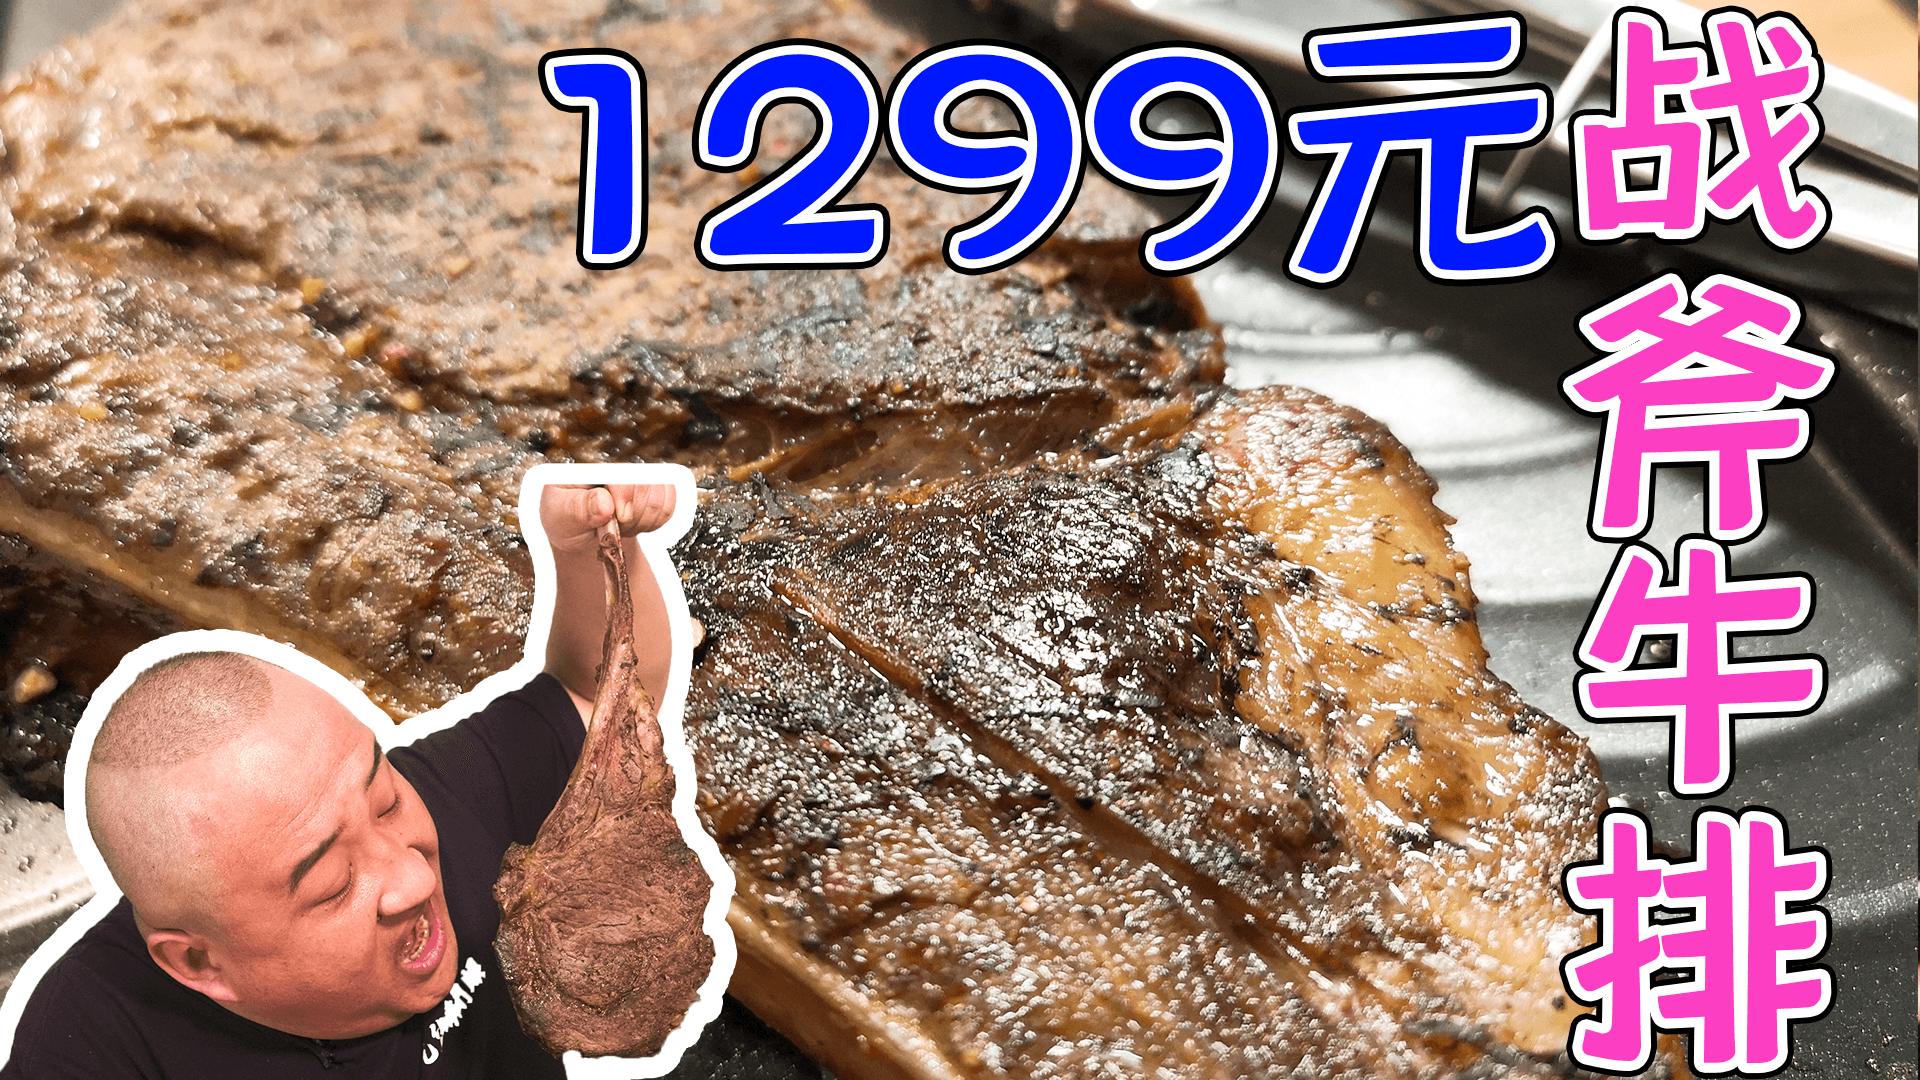 【吃货请闭眼】1299元战斧牛排比78元牛排贵多少?每克就贵9分?肉质口感差太多!